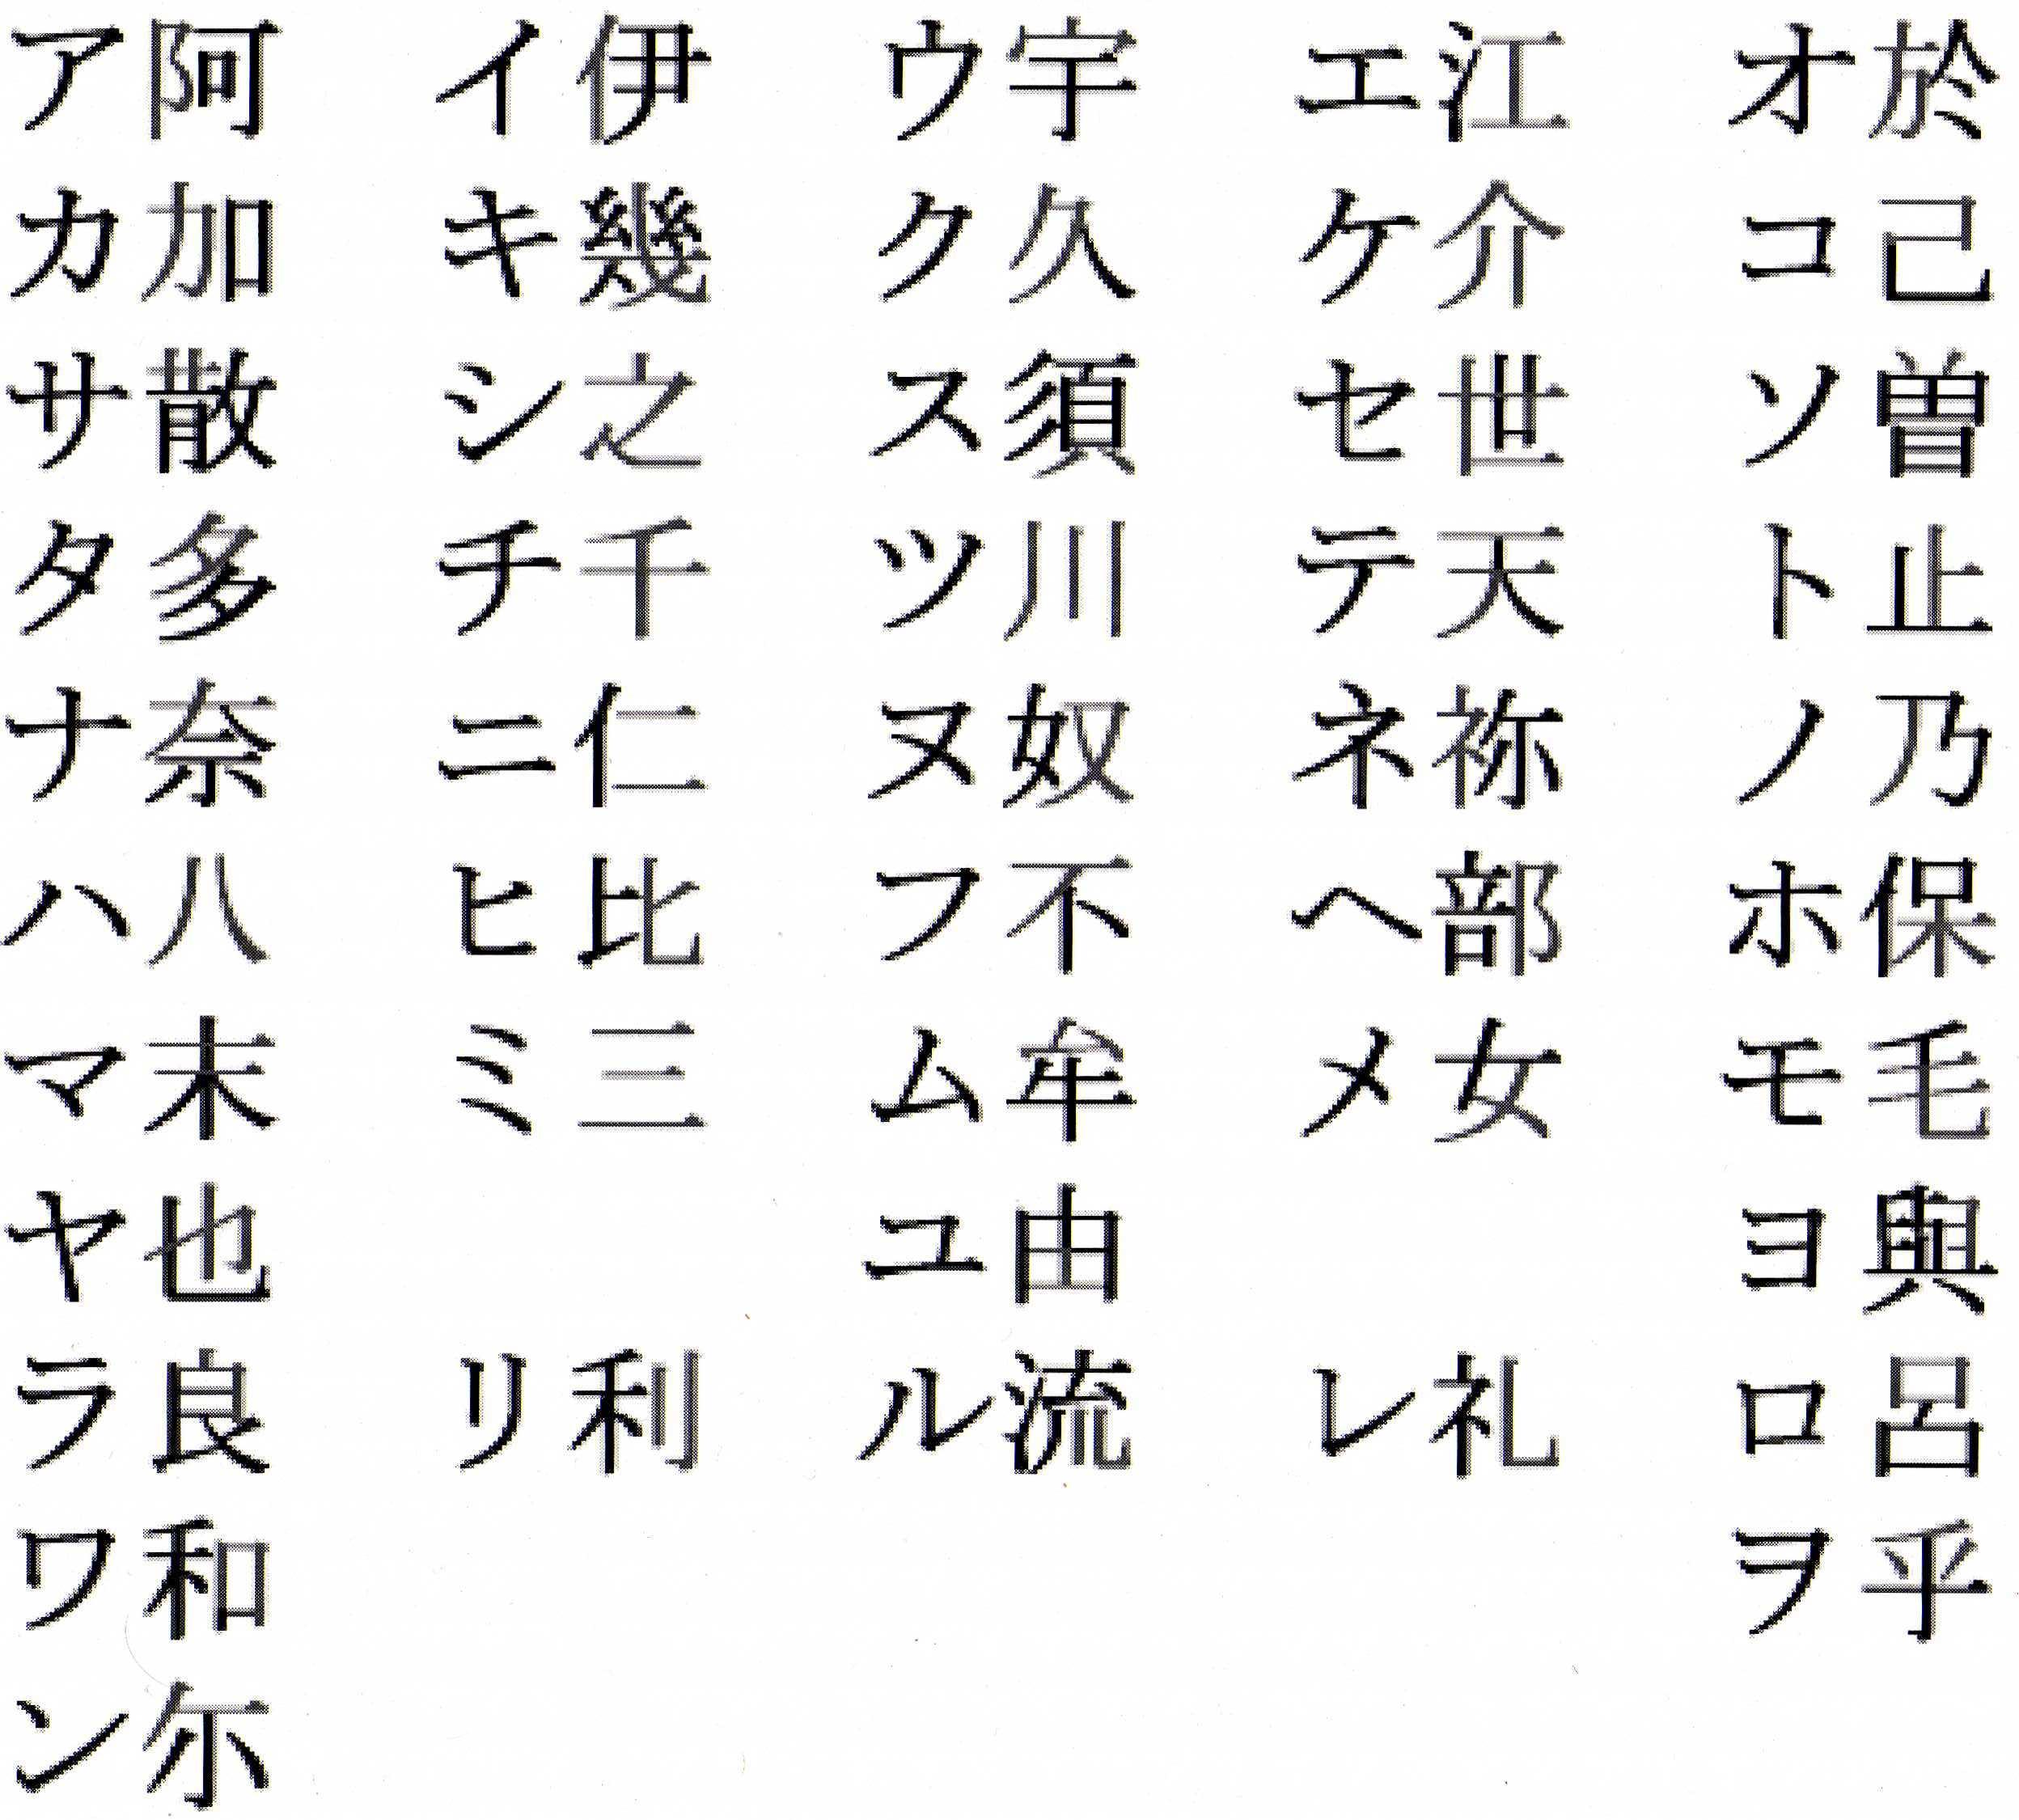 Japanese Kanji Alphabet In English | Wiring Diagram Database